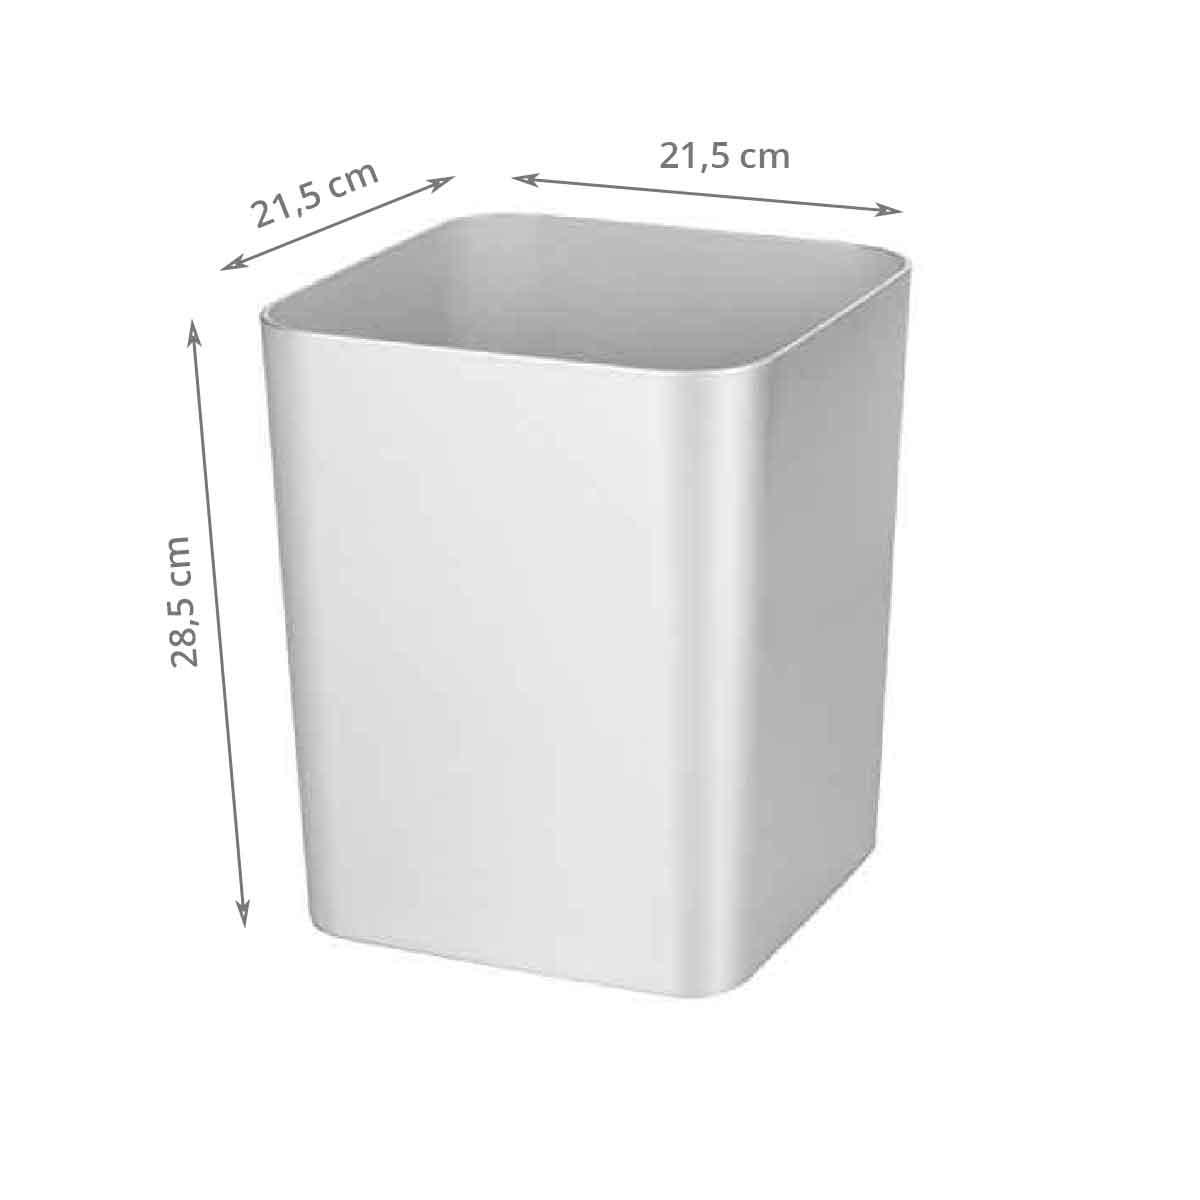 Poubelle de salle de bain gris argent 10 litres - Petite poubelle de salle de bain ...